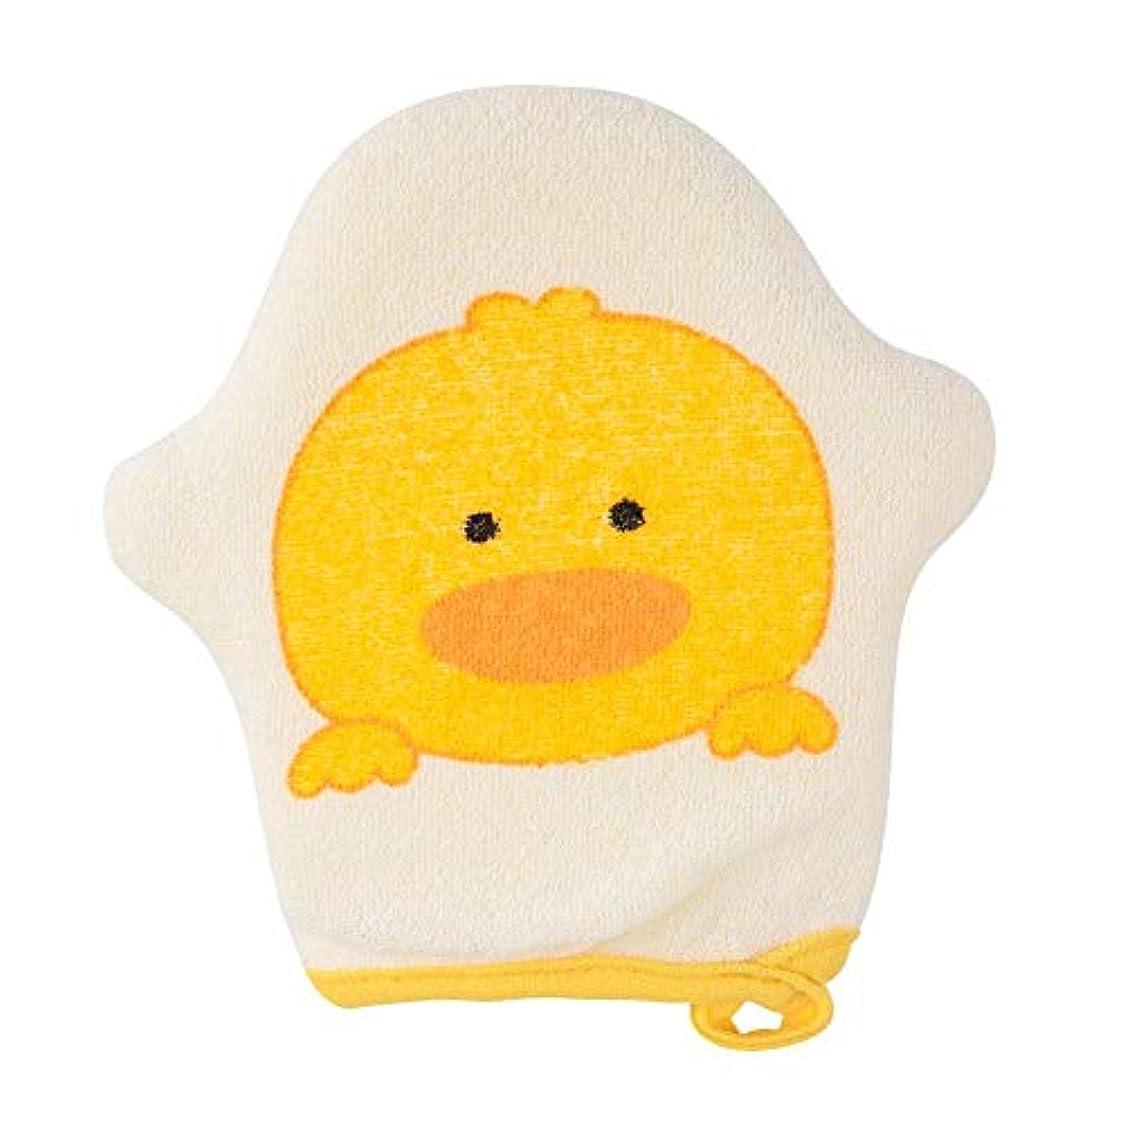 それに応じてうるさい勧めるシャワースポンジ シャワー手袋 垢すり手袋 ボディースポンジ 浴用手袋 赤ちゃん ベビー 両面用 入浴用 シャワーブラシ 入浴用品 お風呂用 バス用品 柔らかい 動物柄 かわいい オシャレ(イエロー)